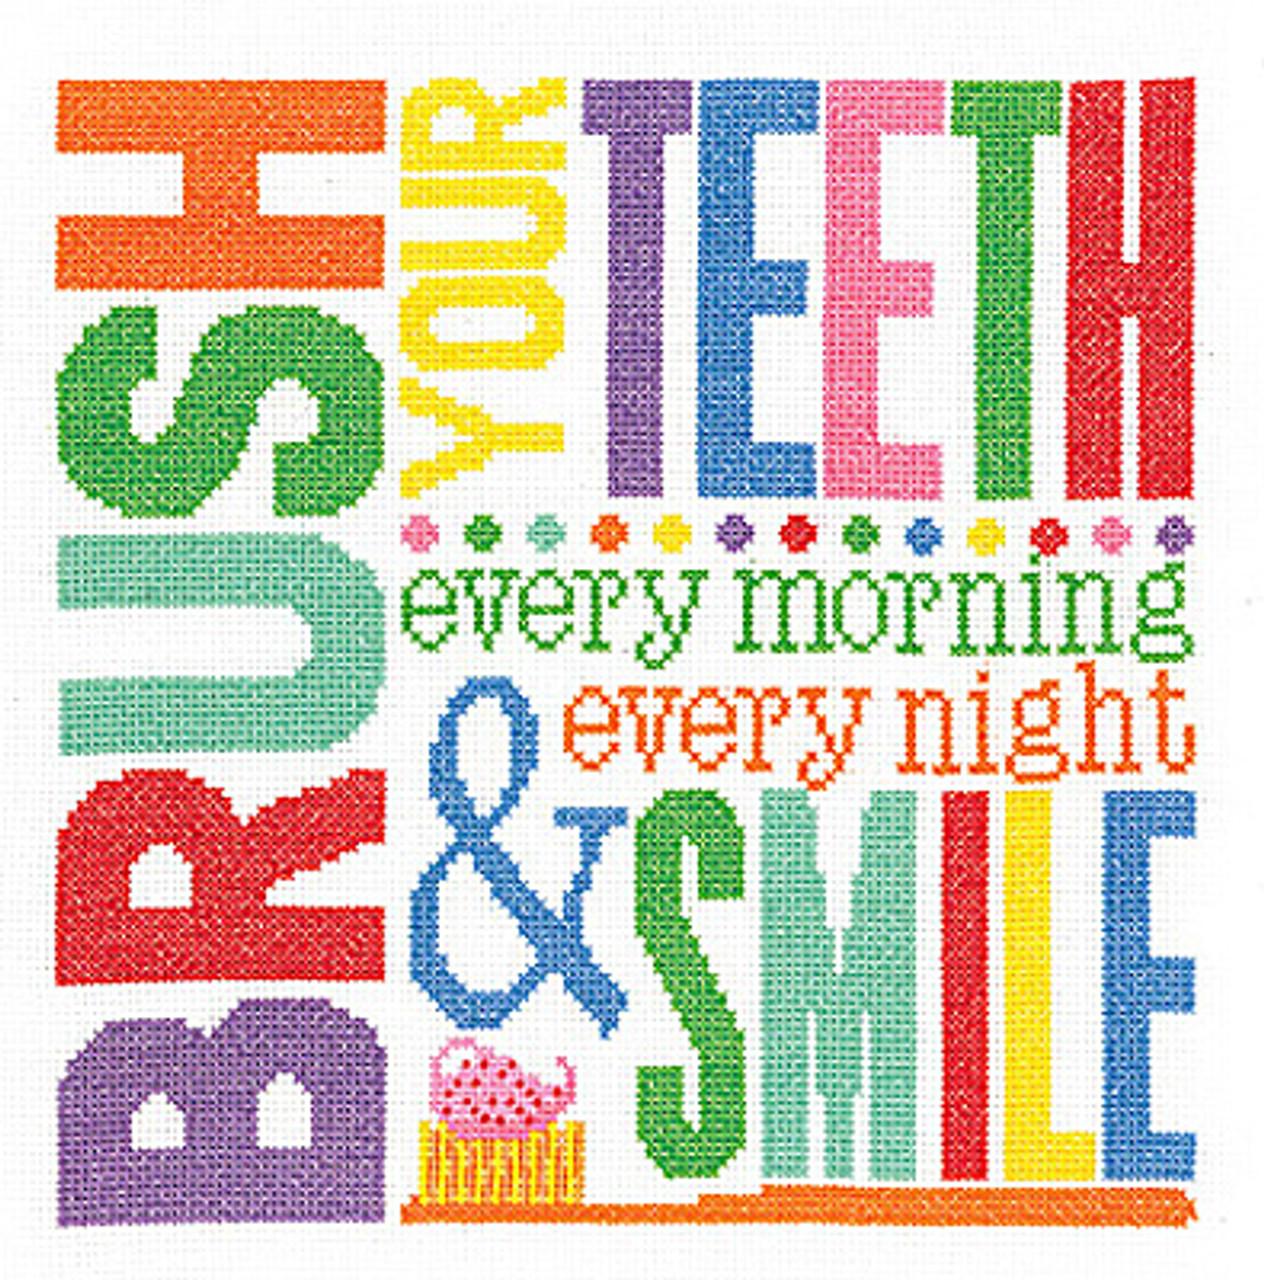 Janlynn - Brush Your Teeth